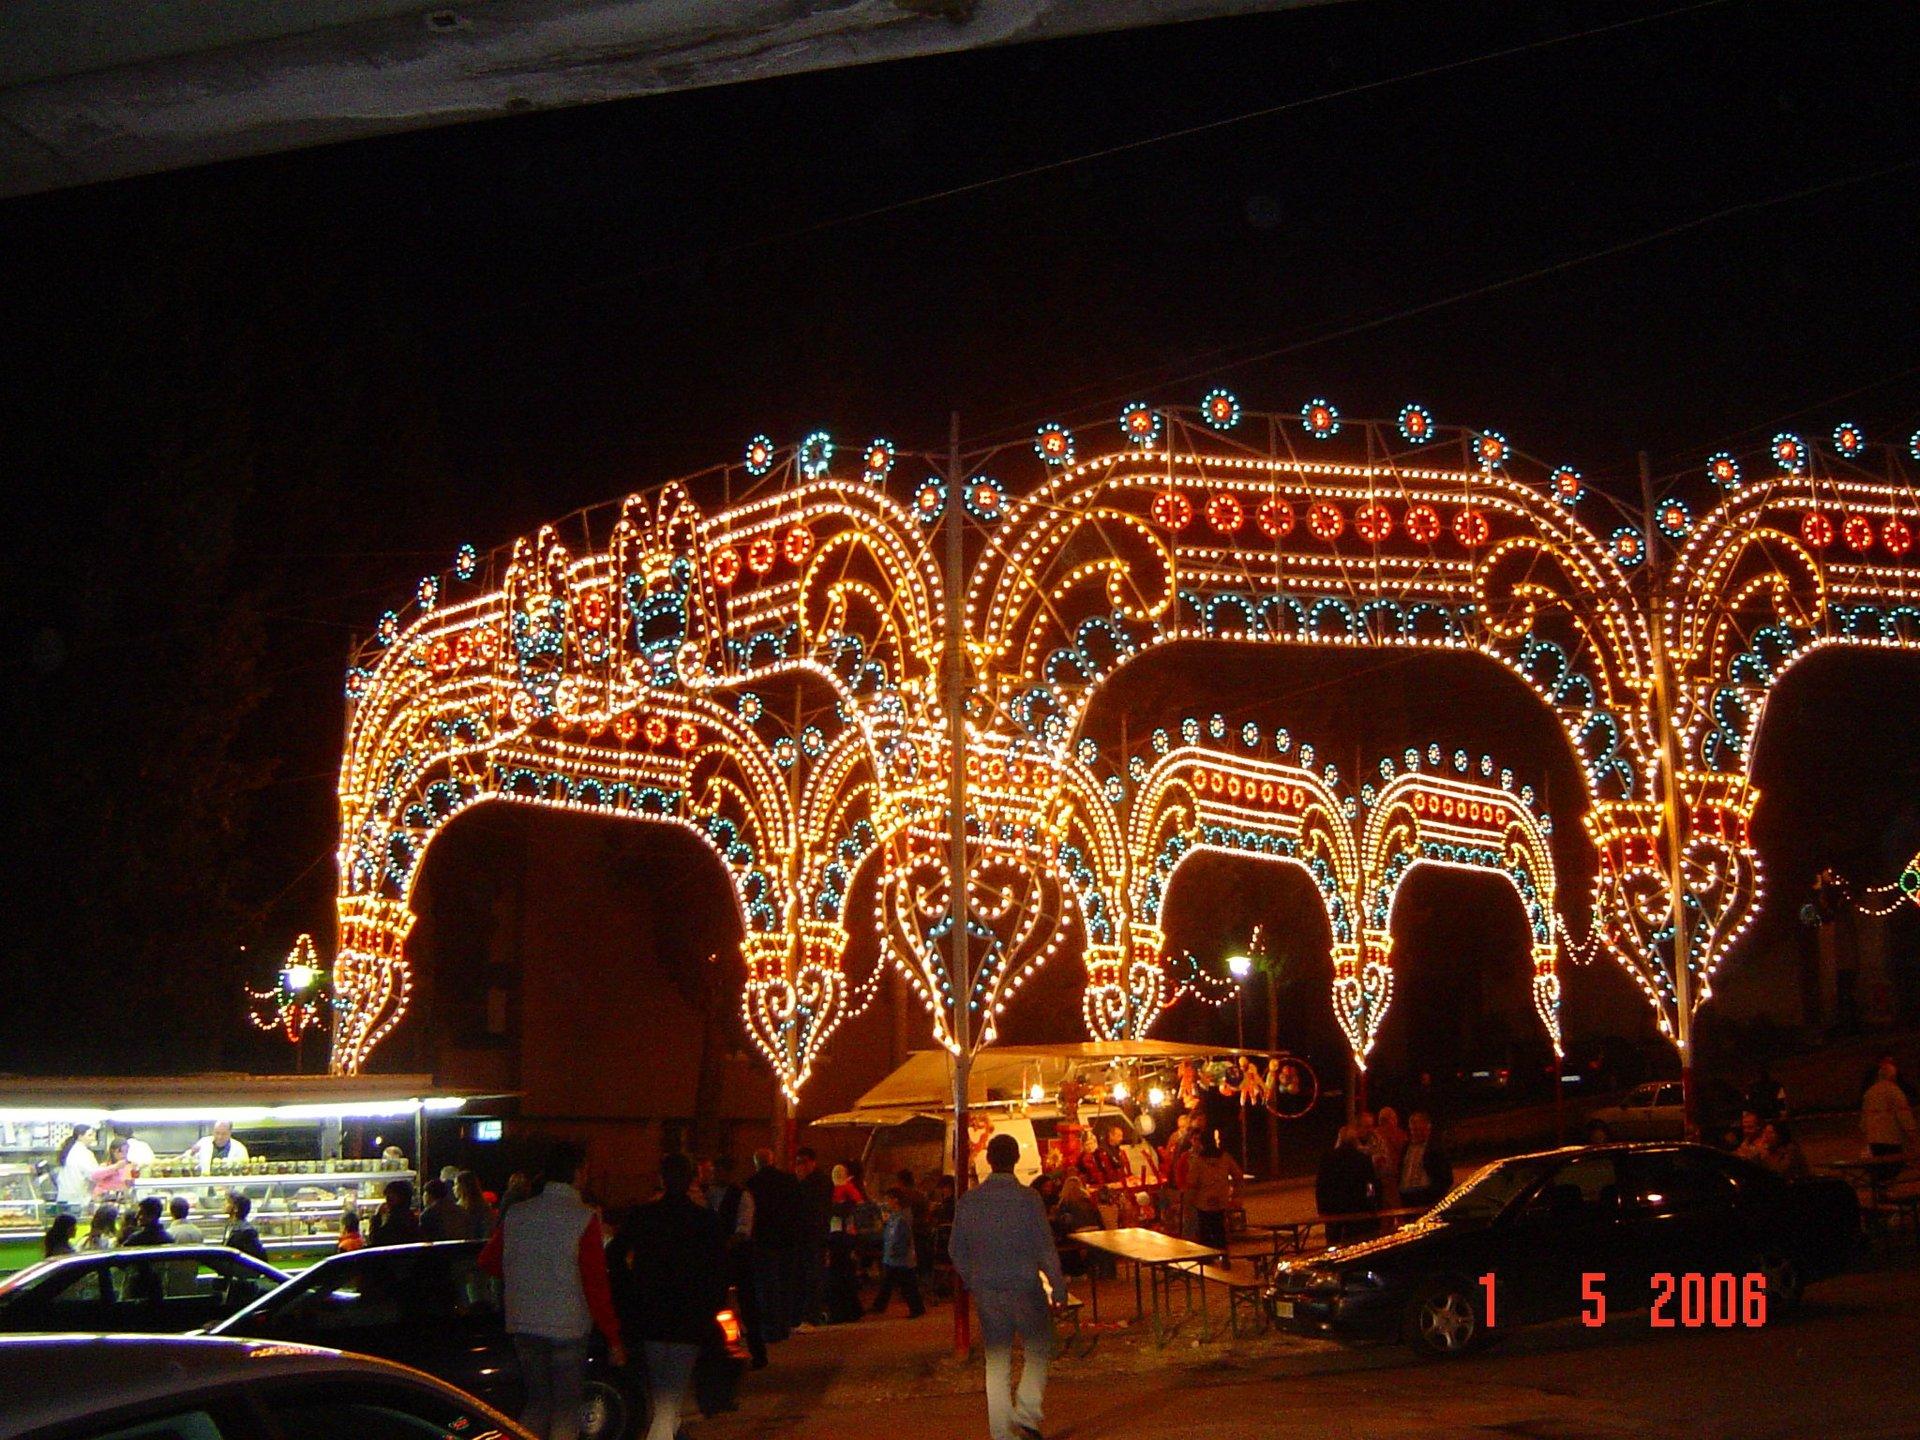 Noleggio luminarie stradali, noleggio luminarie per eventi, noleggio luminarie per eventi estivi rieti, noleggio tunnel illuminati rieti